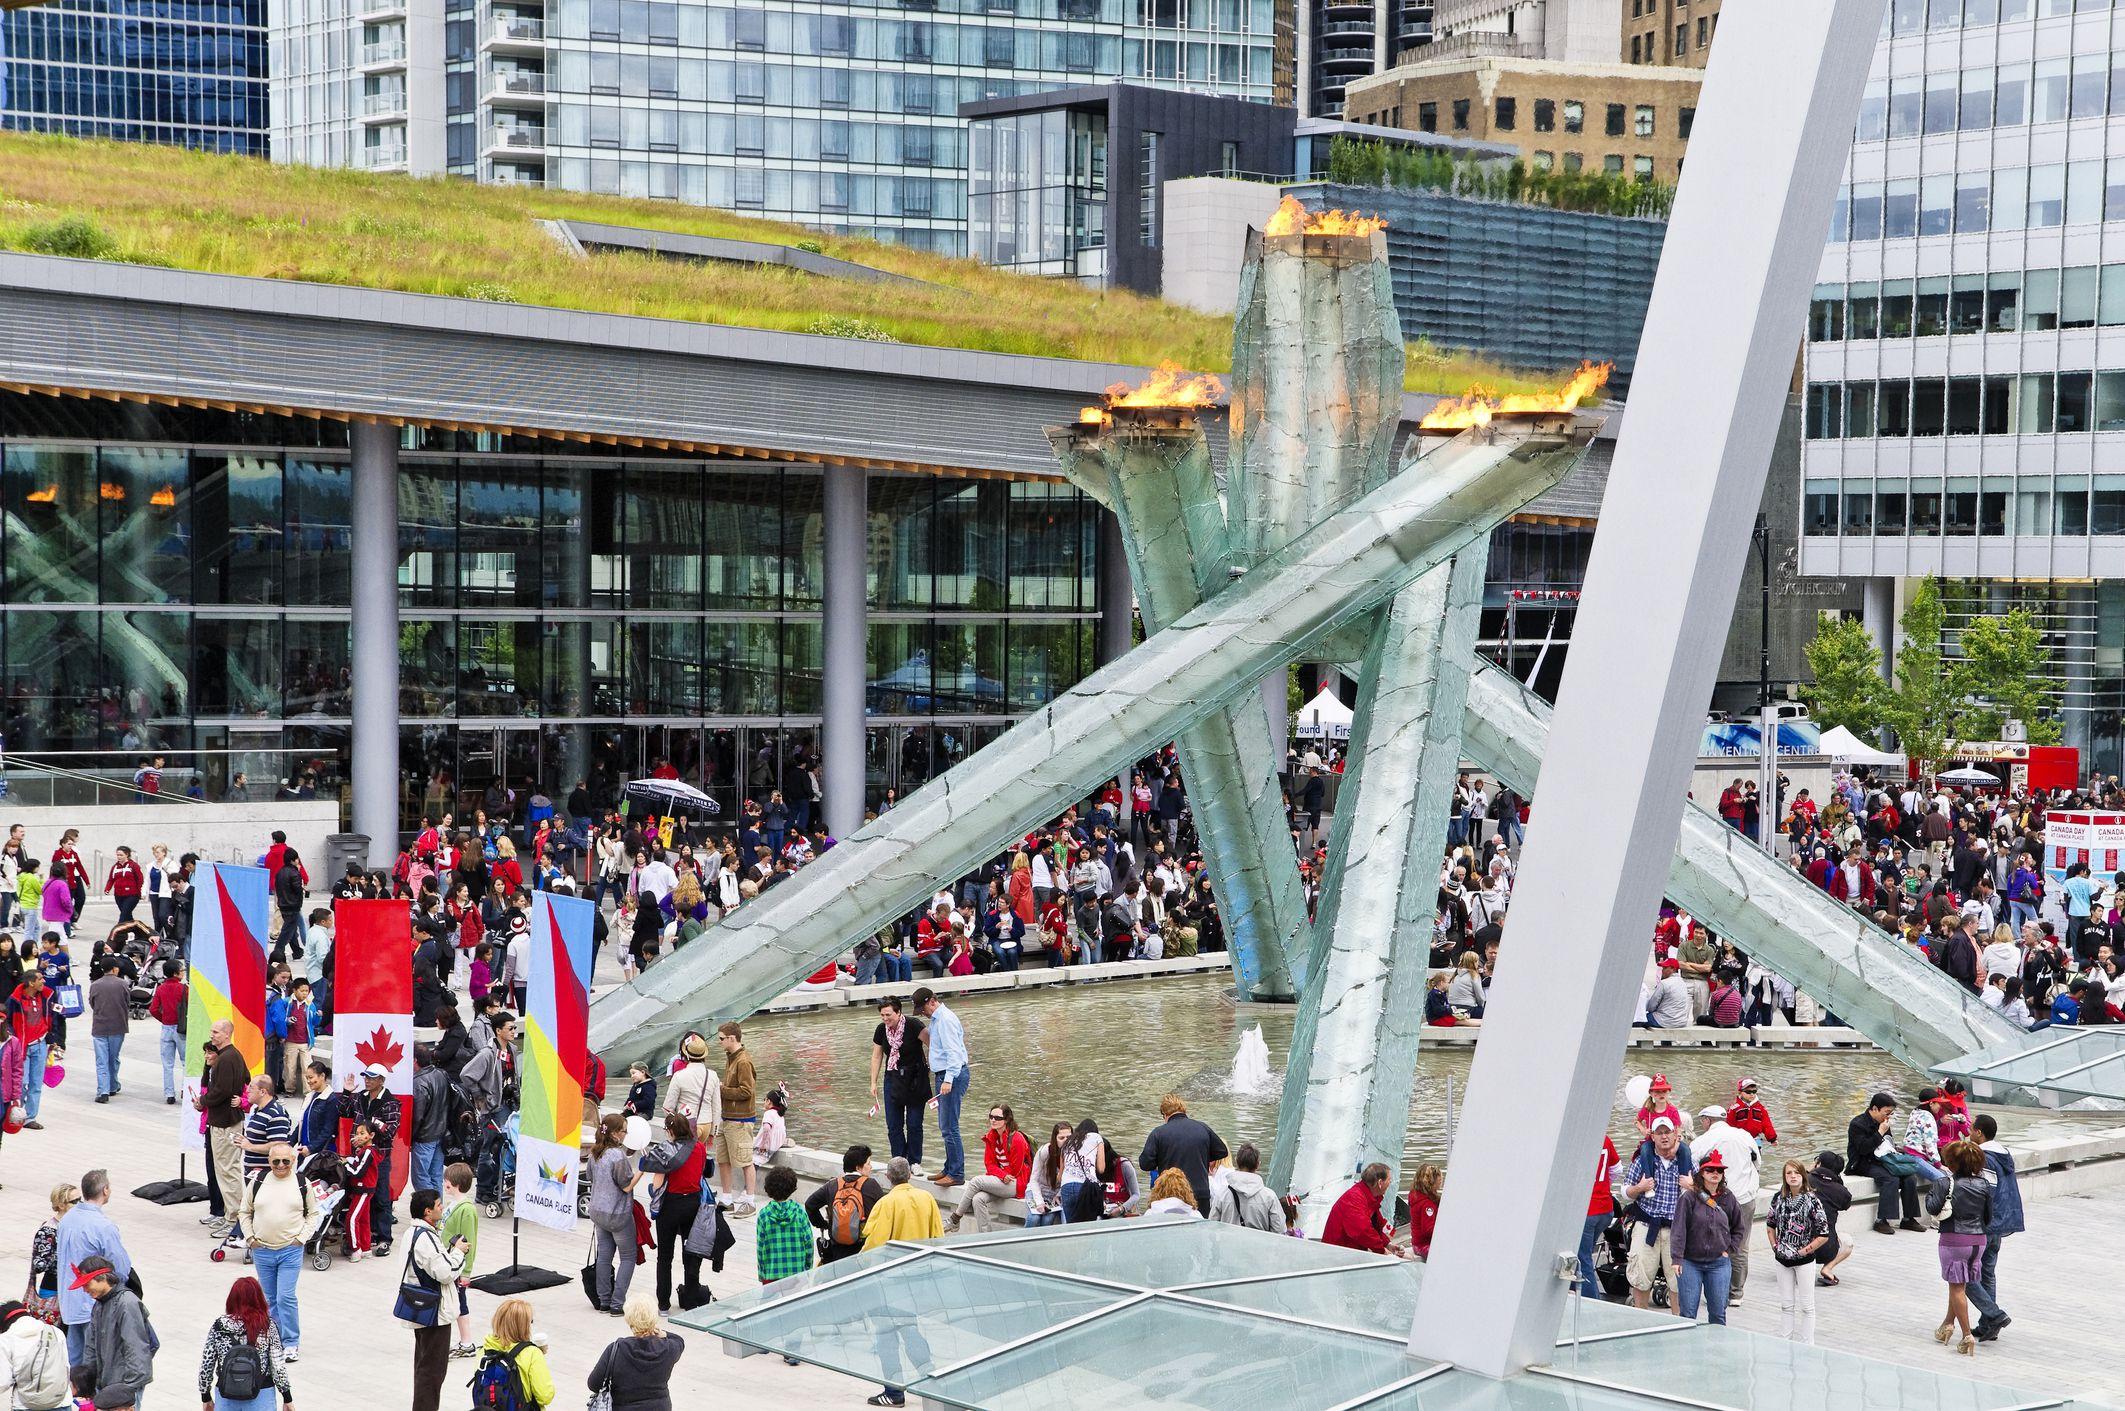 Celebraciones del Día de Jack Poole Plaza Canada